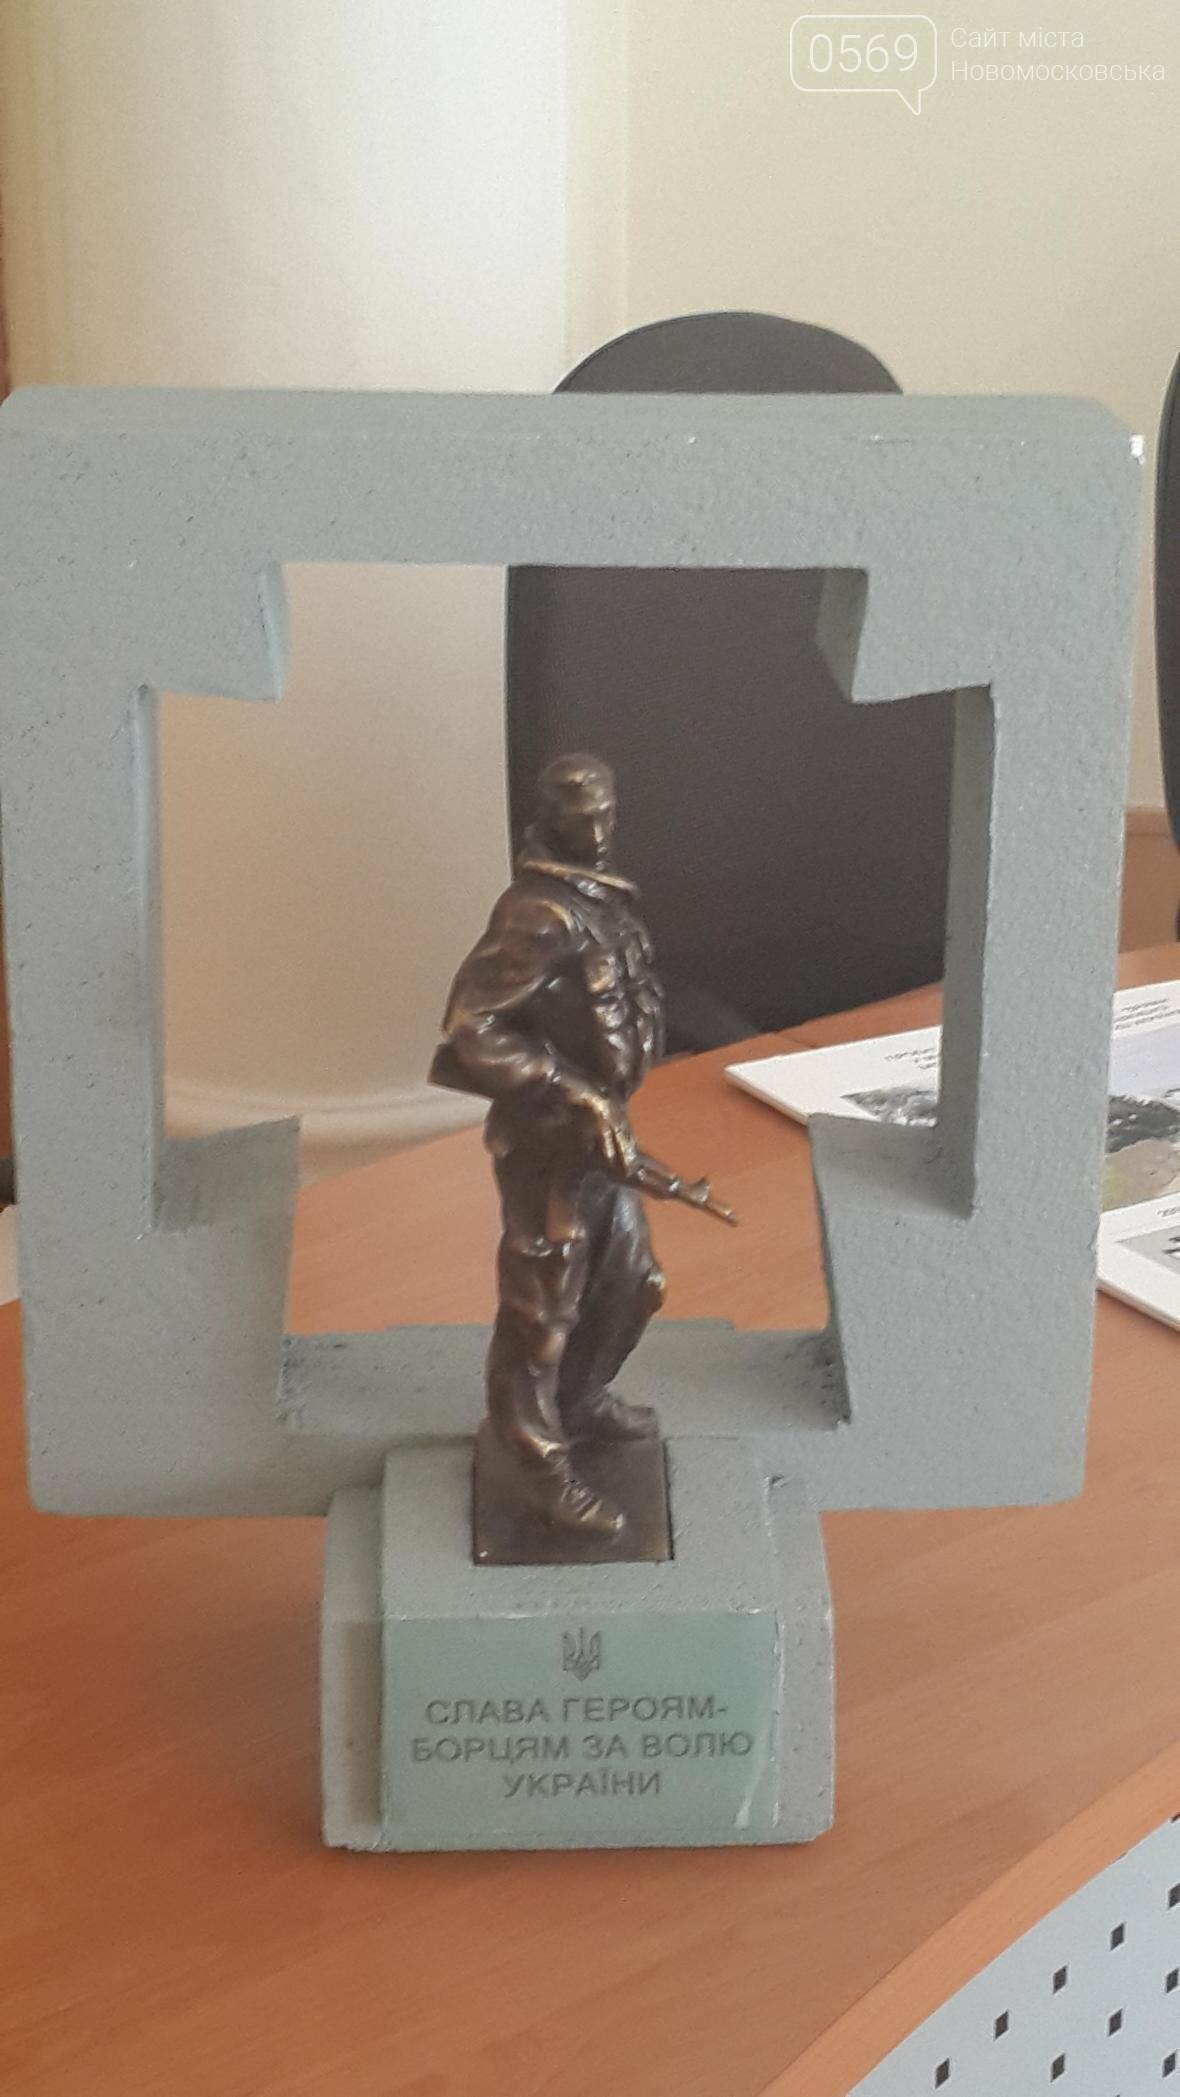 Победитель конкурса проектов памятника героям АТО получил 10 тыс. гривен, фото-1